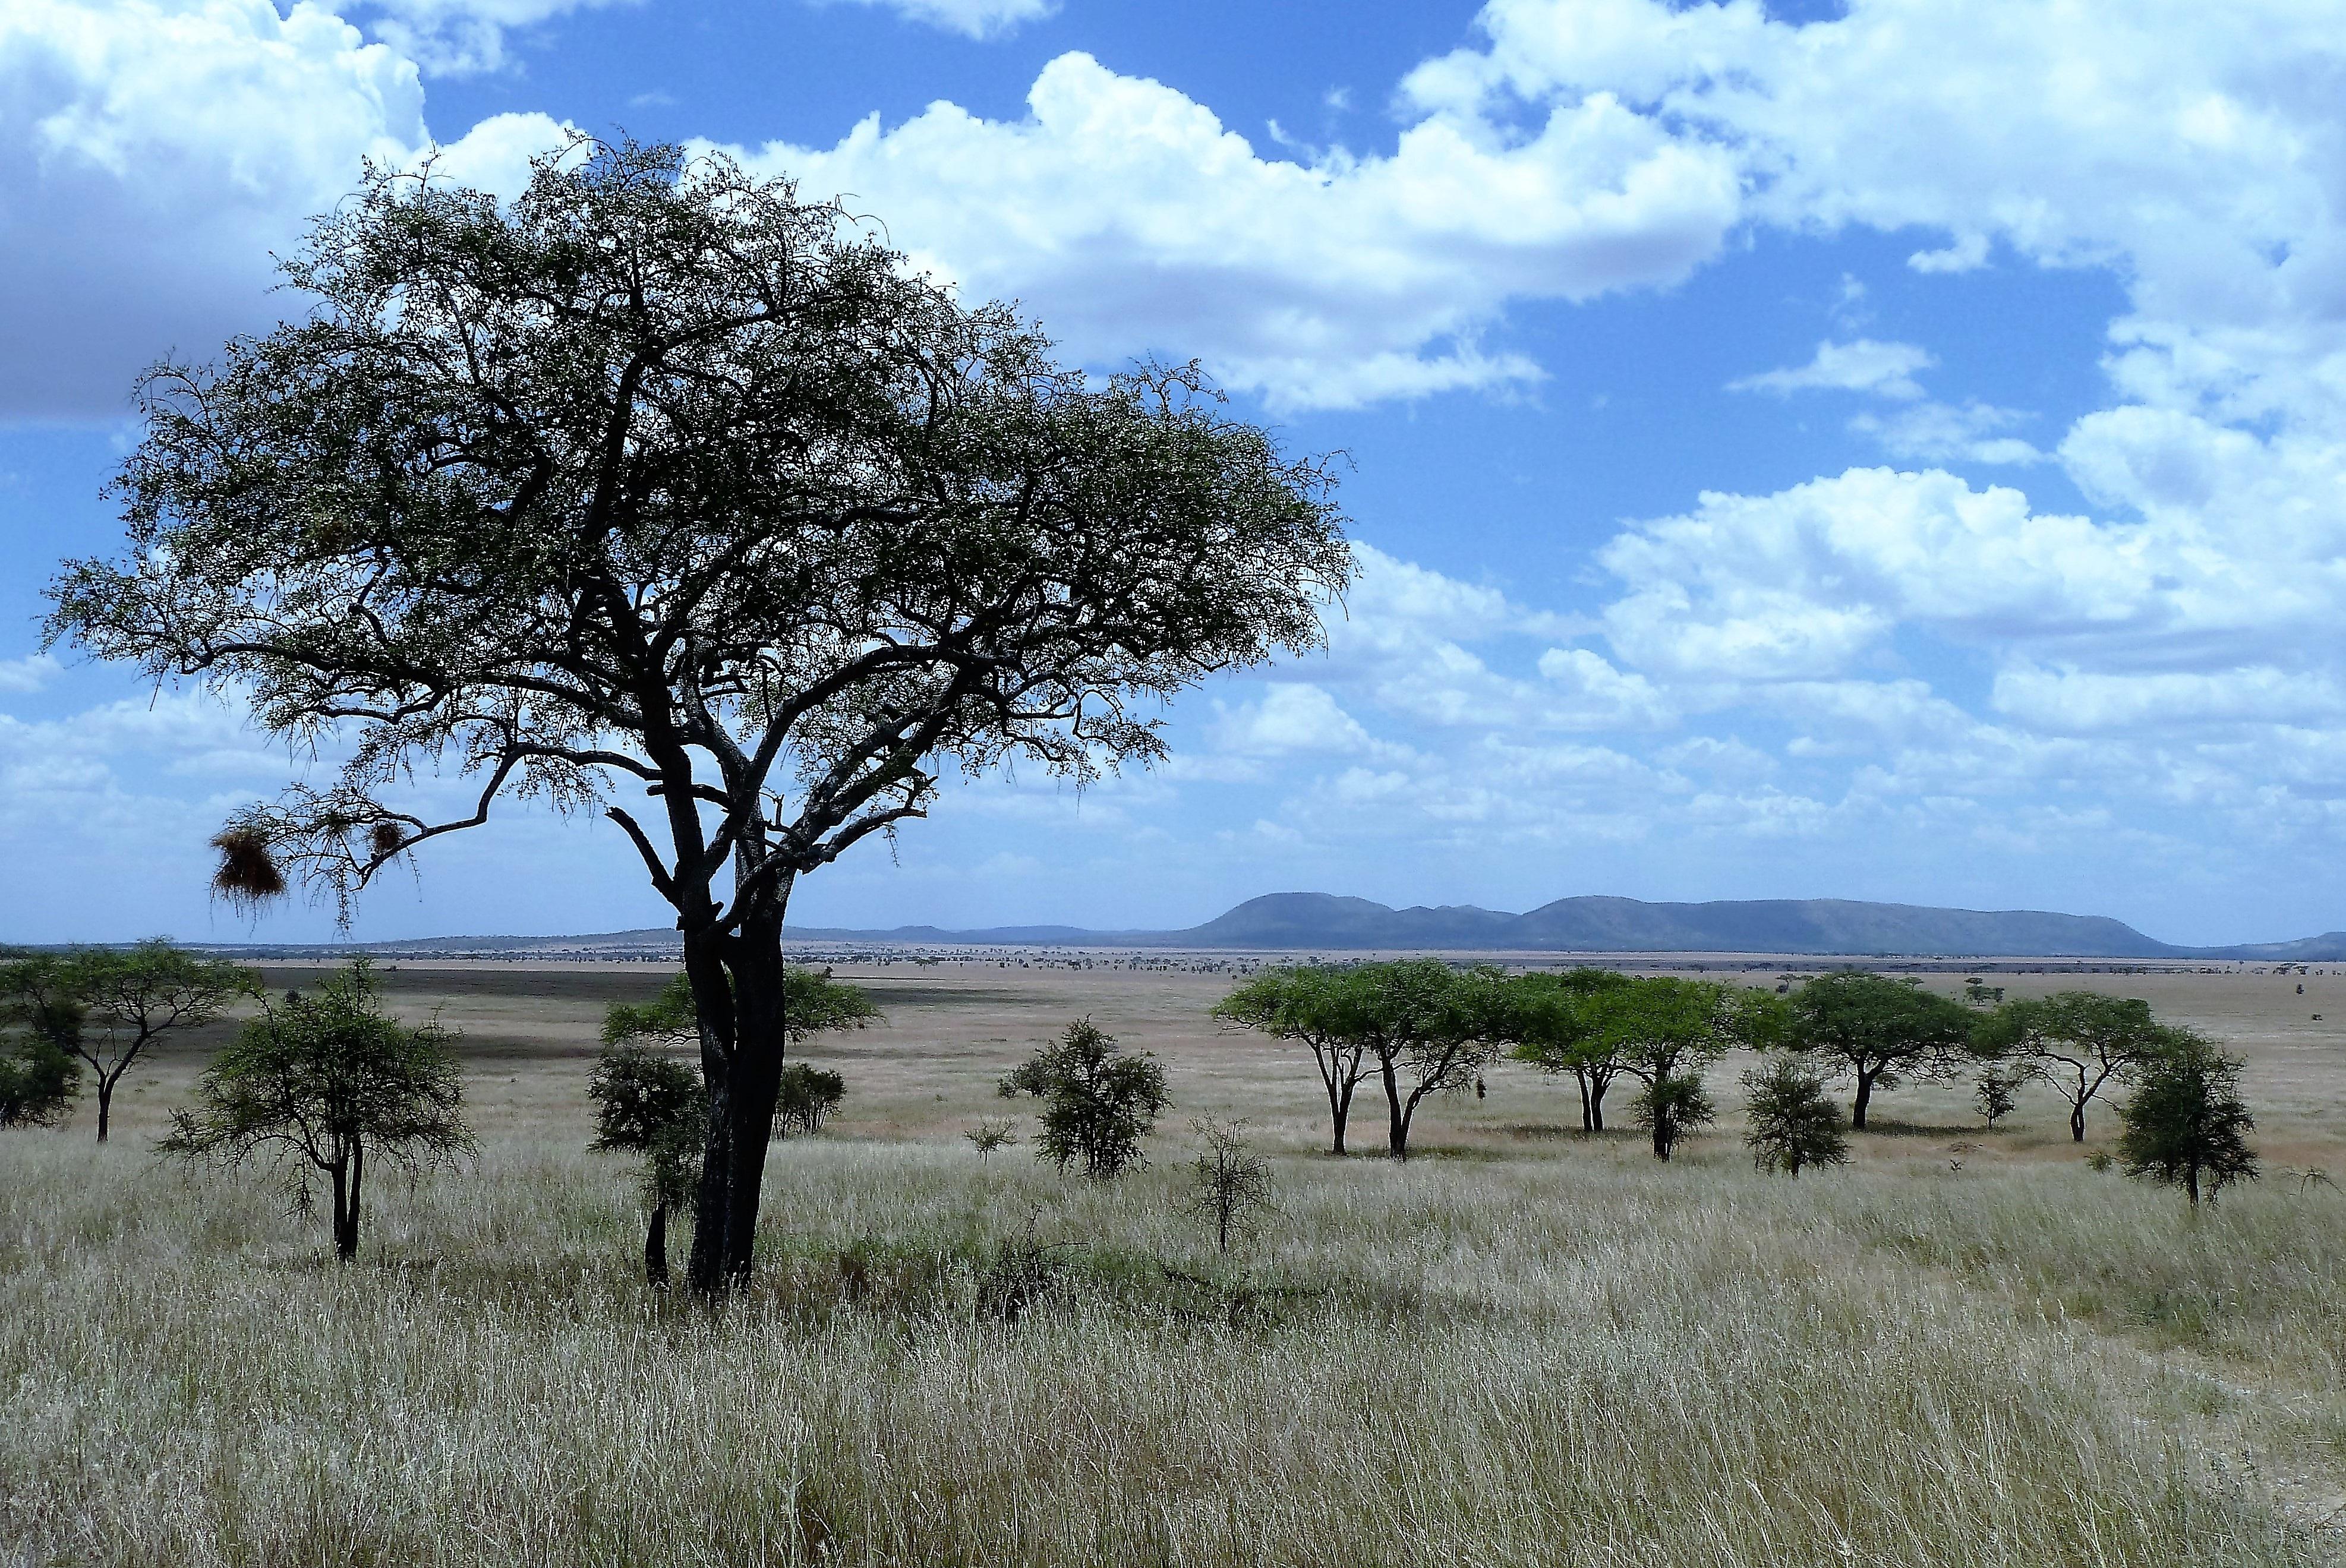 рыбы-капли фото природа и пейзажи африки дно формы